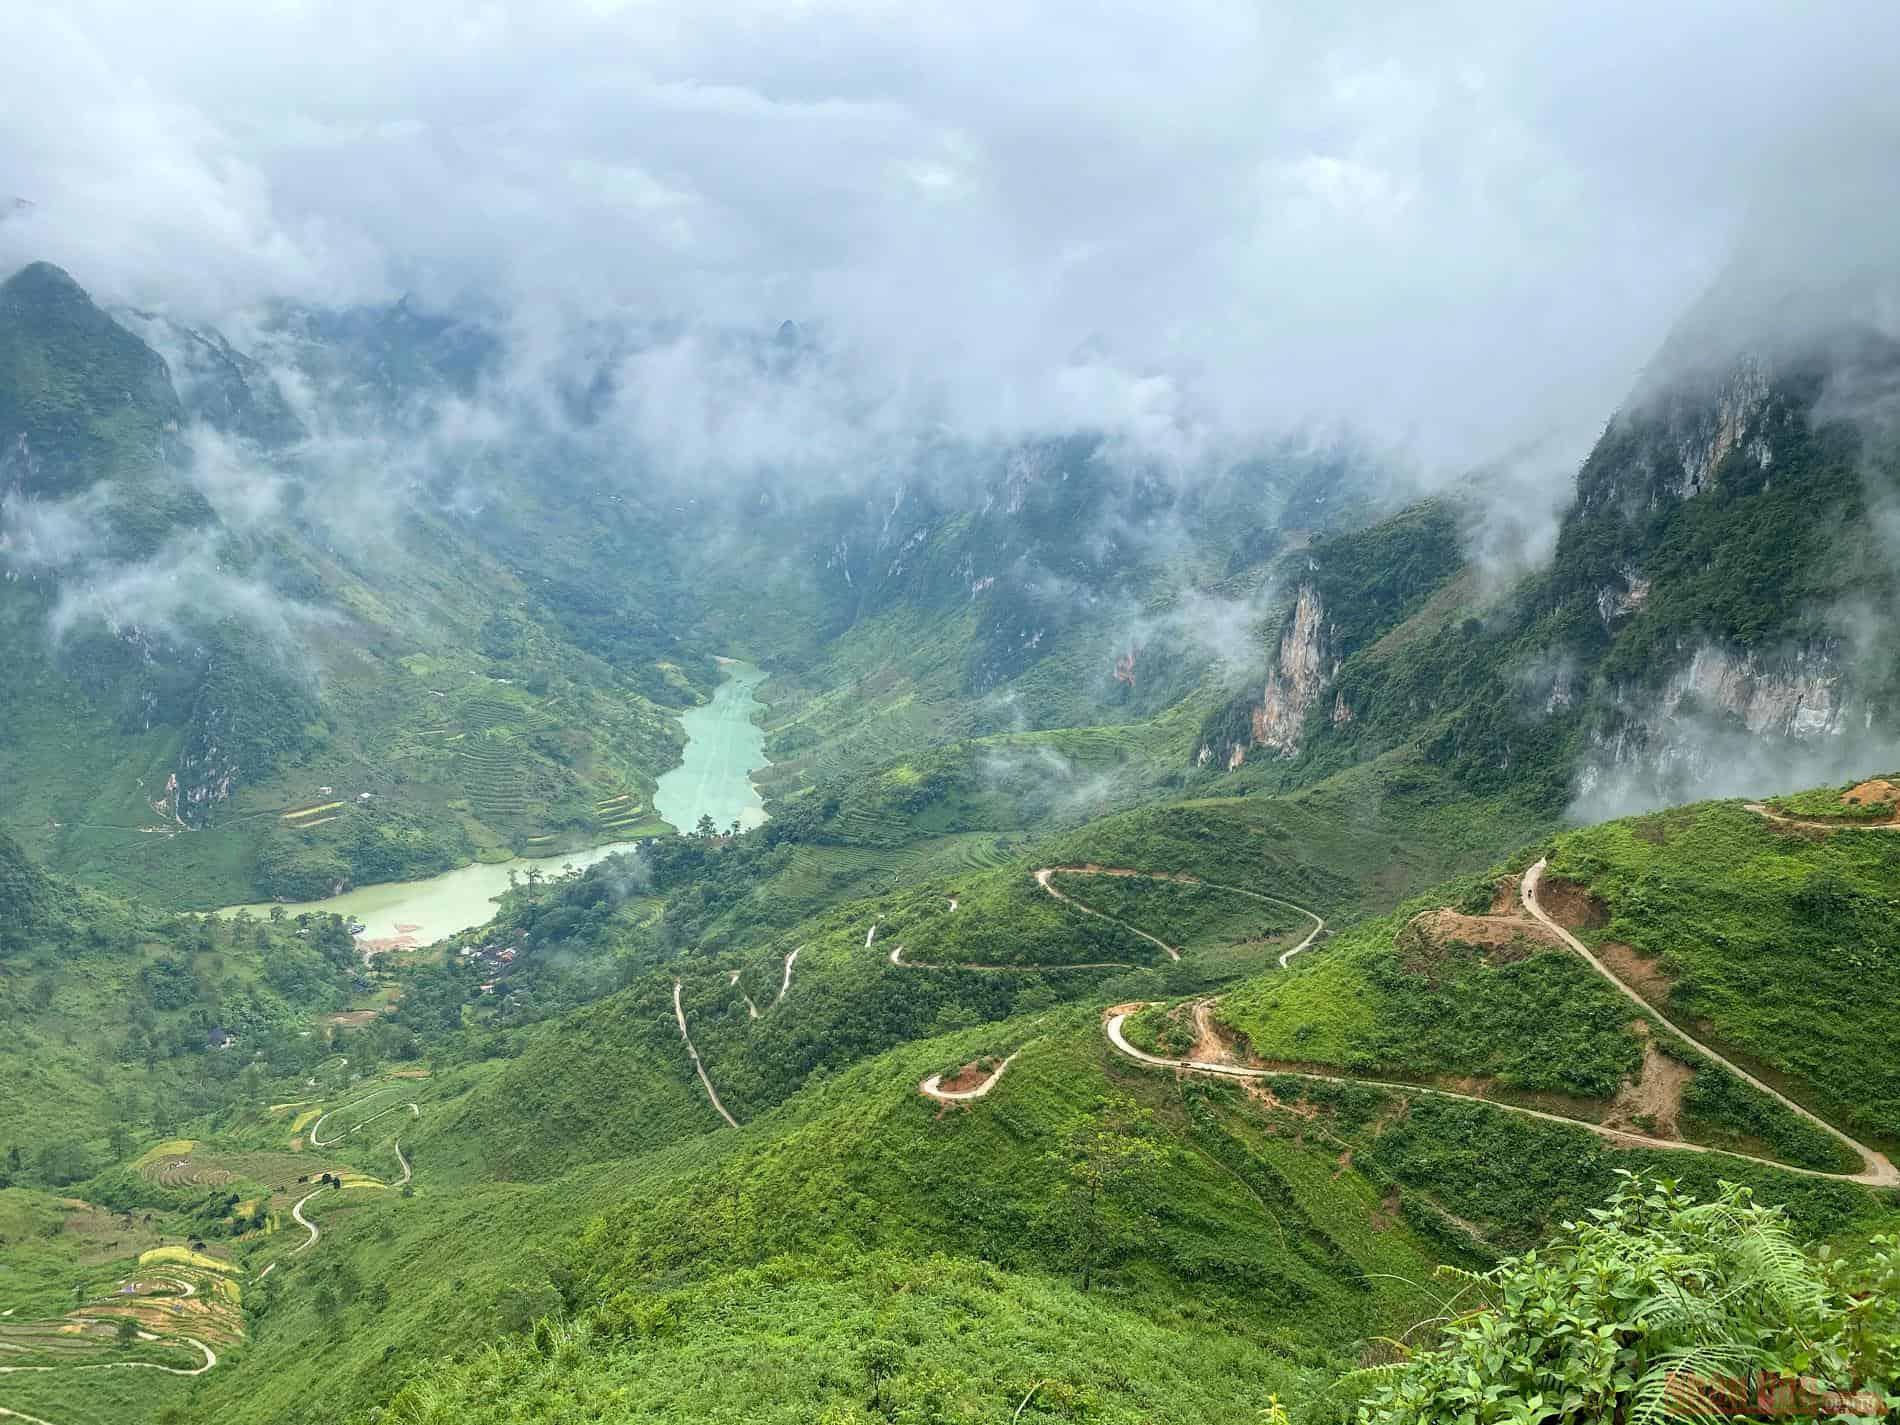 Con đường nhỏ xíu của đèo Tà Làng. Hình: Sưu tầm